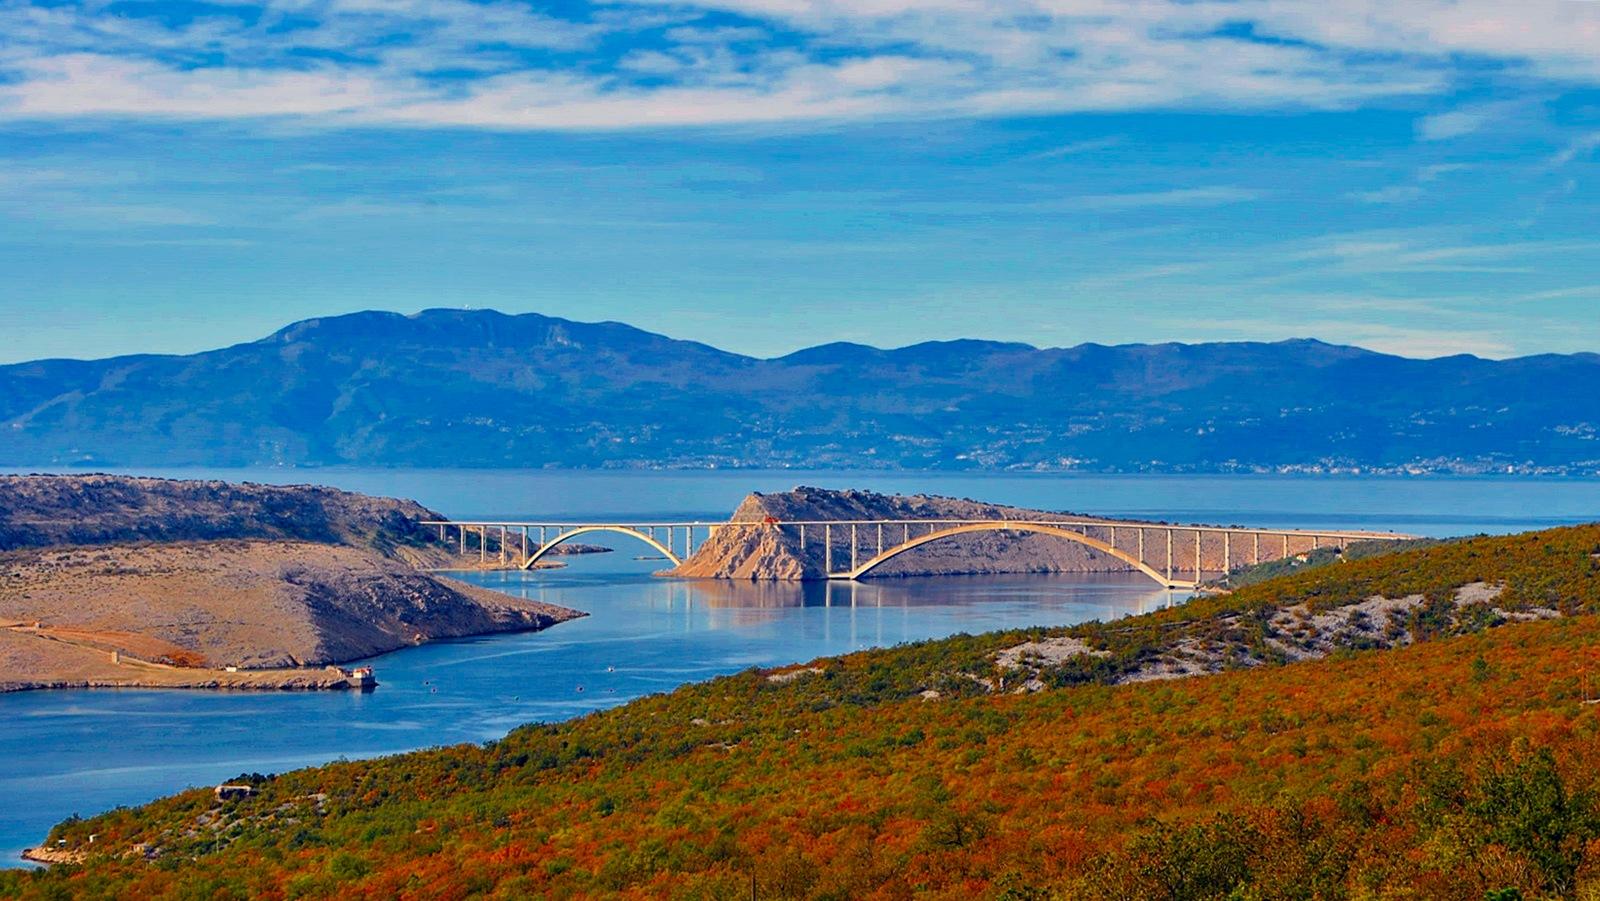 KRK BRIDGE by Zoran60